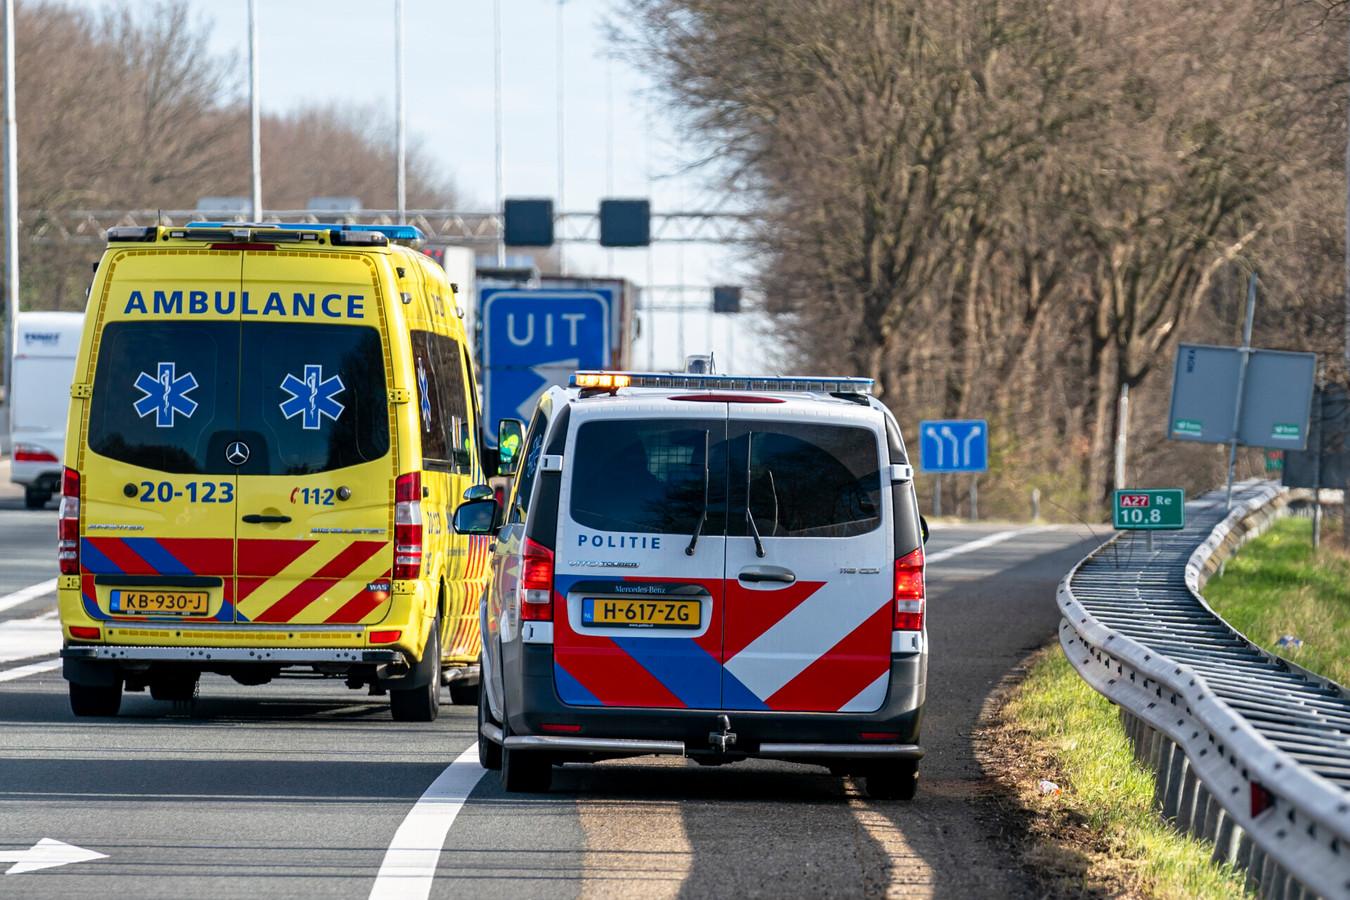 OOSTERHOUT - Een naakte verwarde man zorgde zaterdagochtend voor de nodige overlast op snelweg A27 ter hoogte van Oosterhout-zuid. De man werd overmeesterd door agenten en afgevoerd met een ambulance.